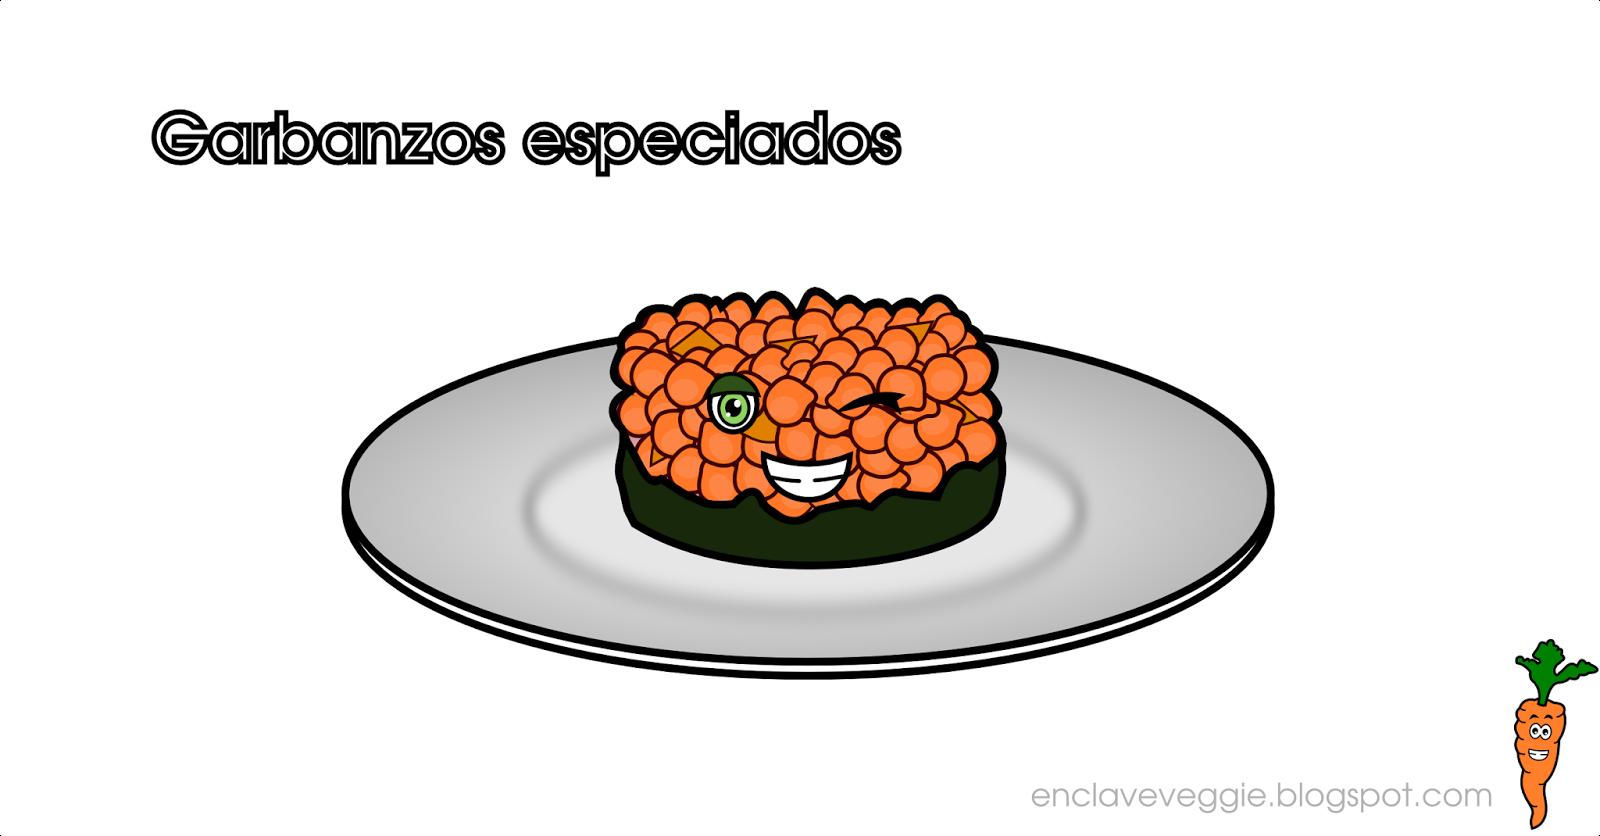 http://enclaveveggie.blogspot.com/2015/02/garbanzos-especiados.html